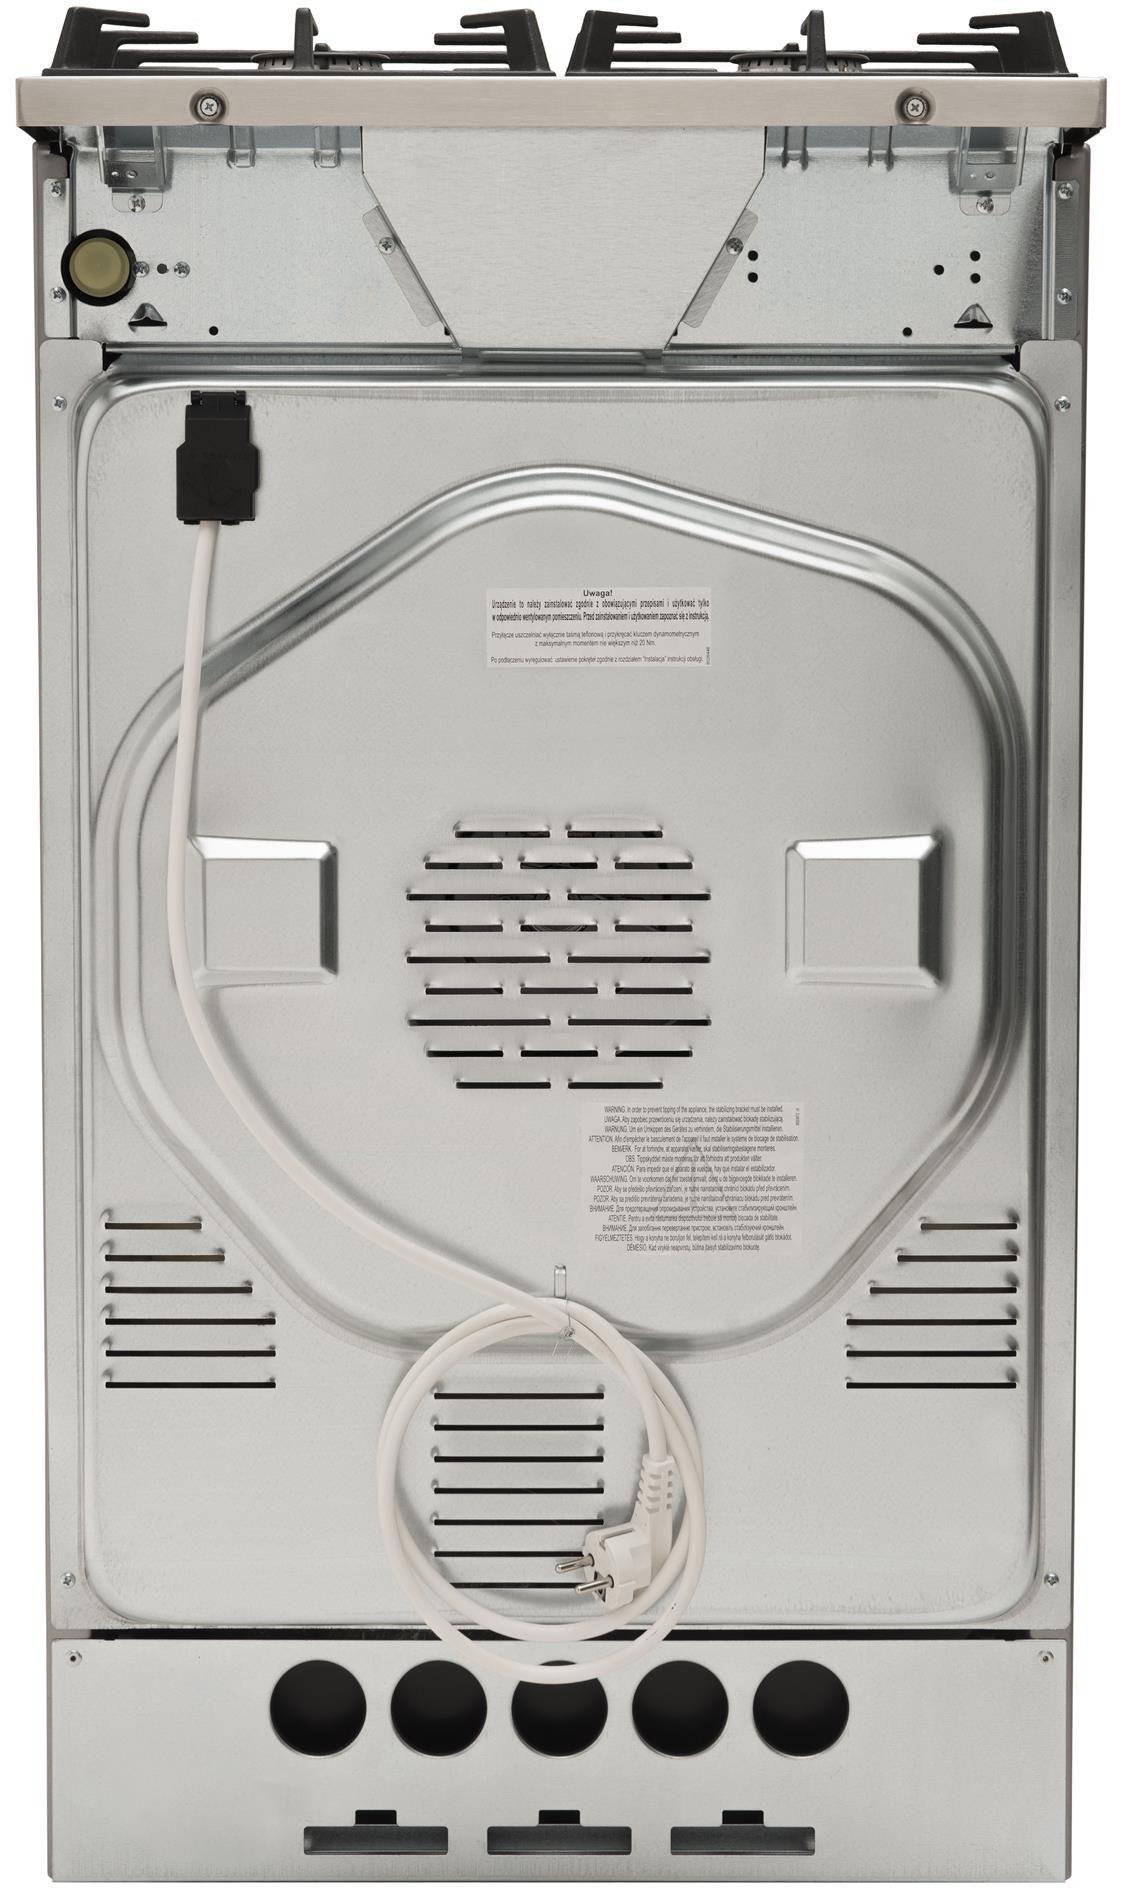 Kuchnia wolnostojąca gazowo elektryczna 514GcED3 43ZpTsKDAQ(XxL)  Amica